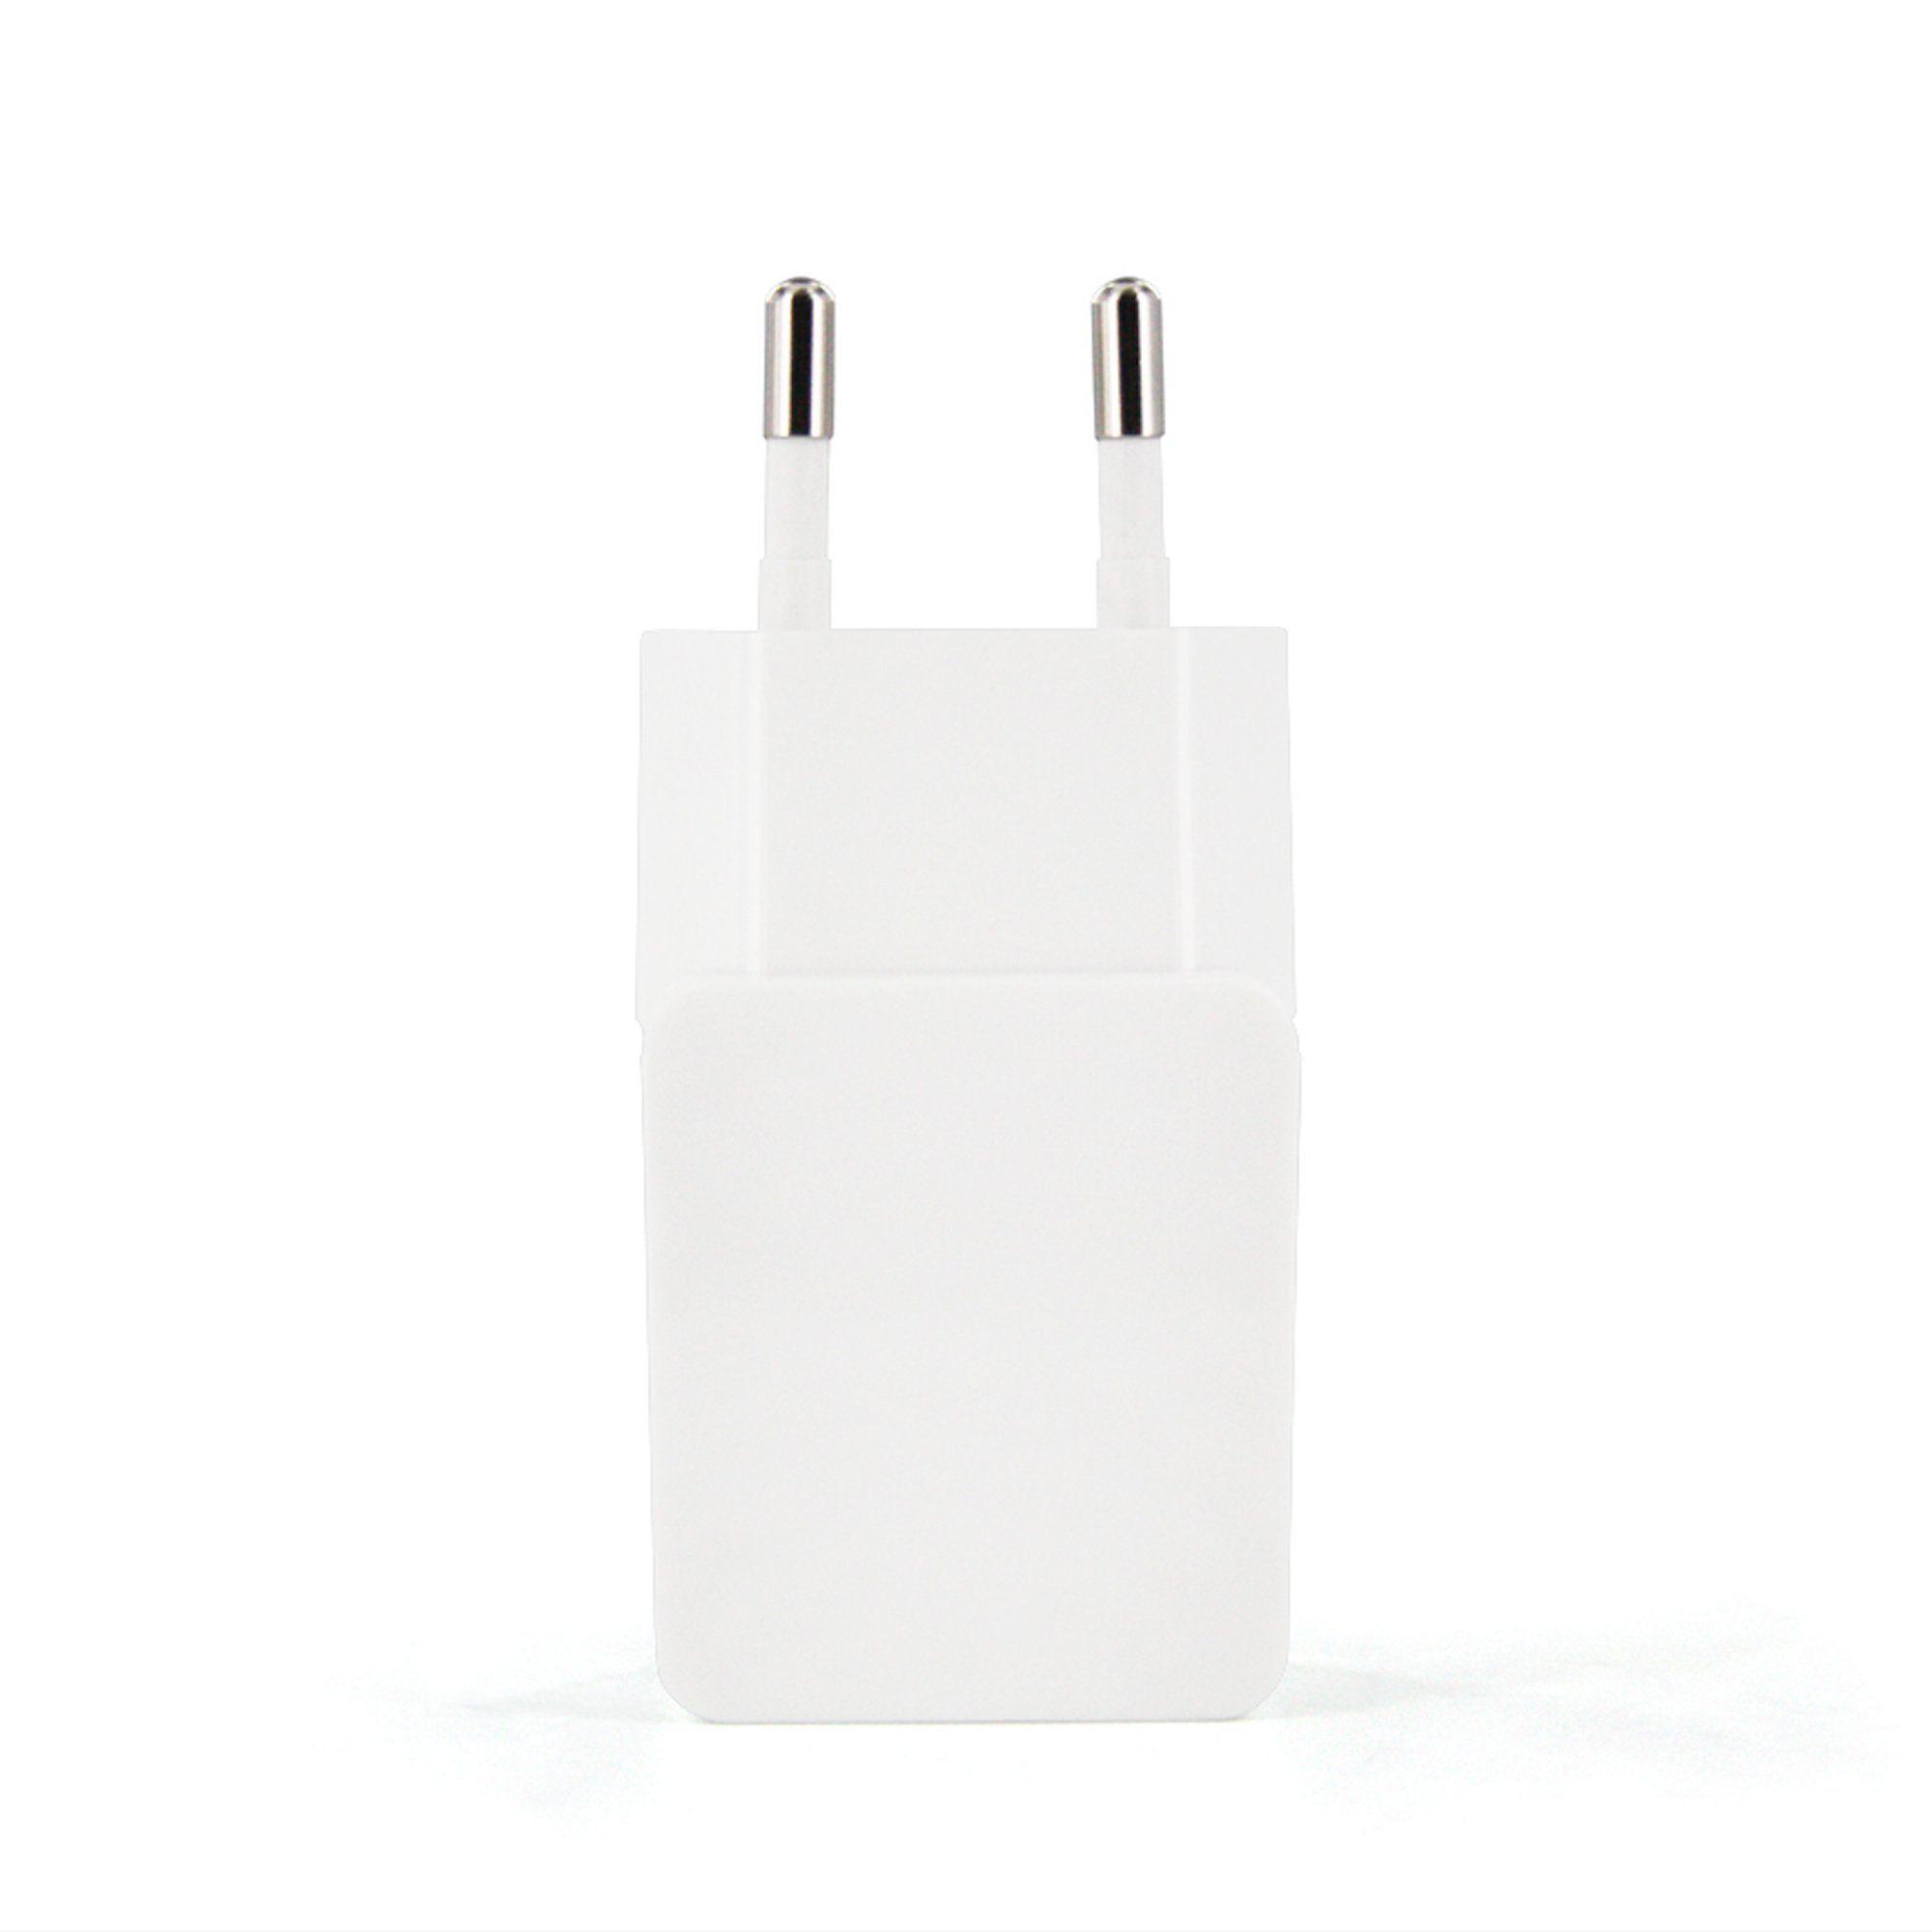 connect IT Ladegerät »IT Colour Line USB Netzteil 1A Weiß«